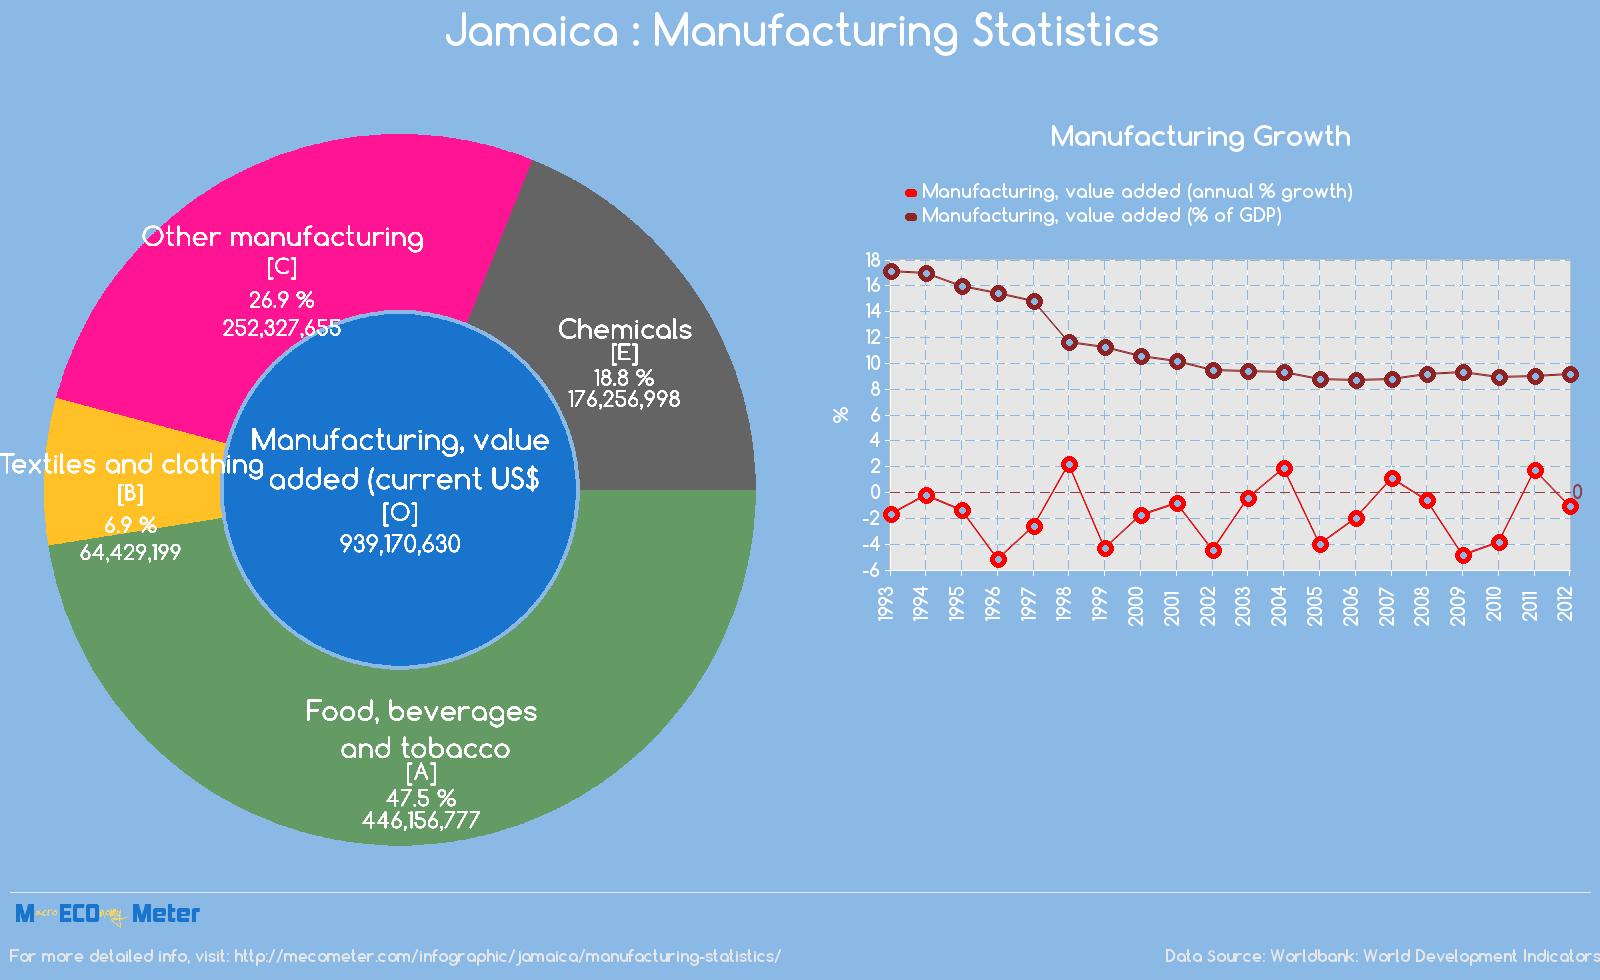 Jamaica : Manufacturing Statistics